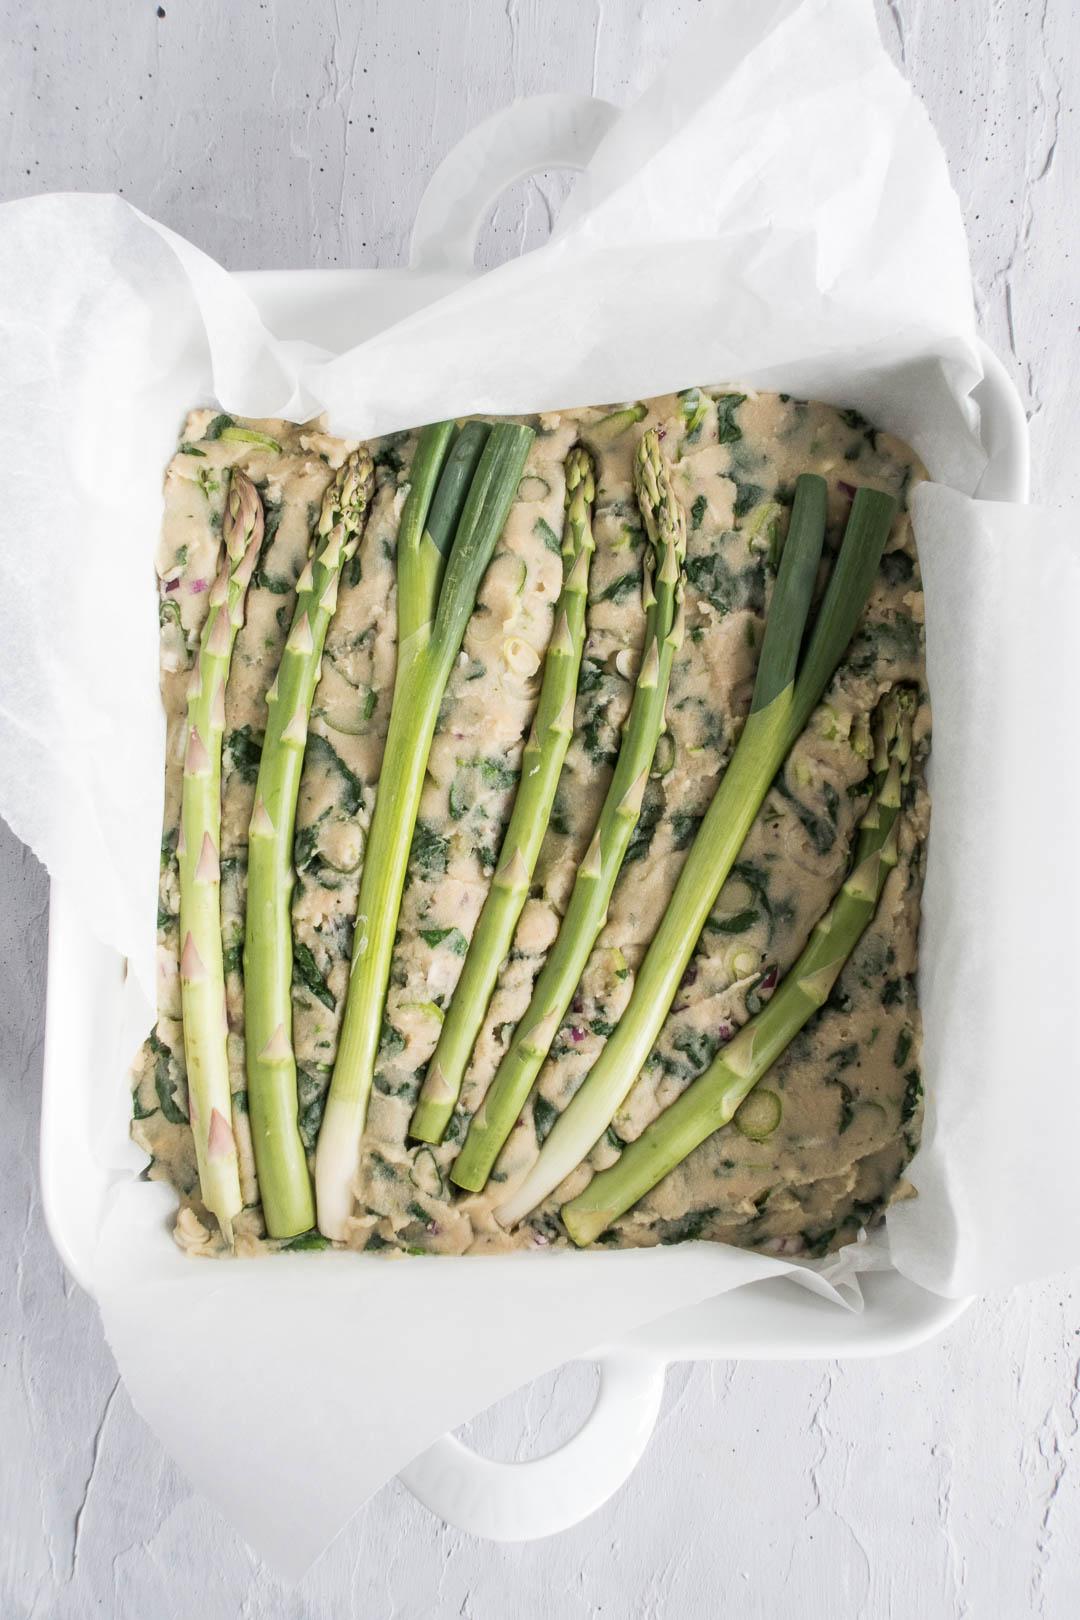 kikærte-quiche eller frittata med asparges - æggefri opskrift